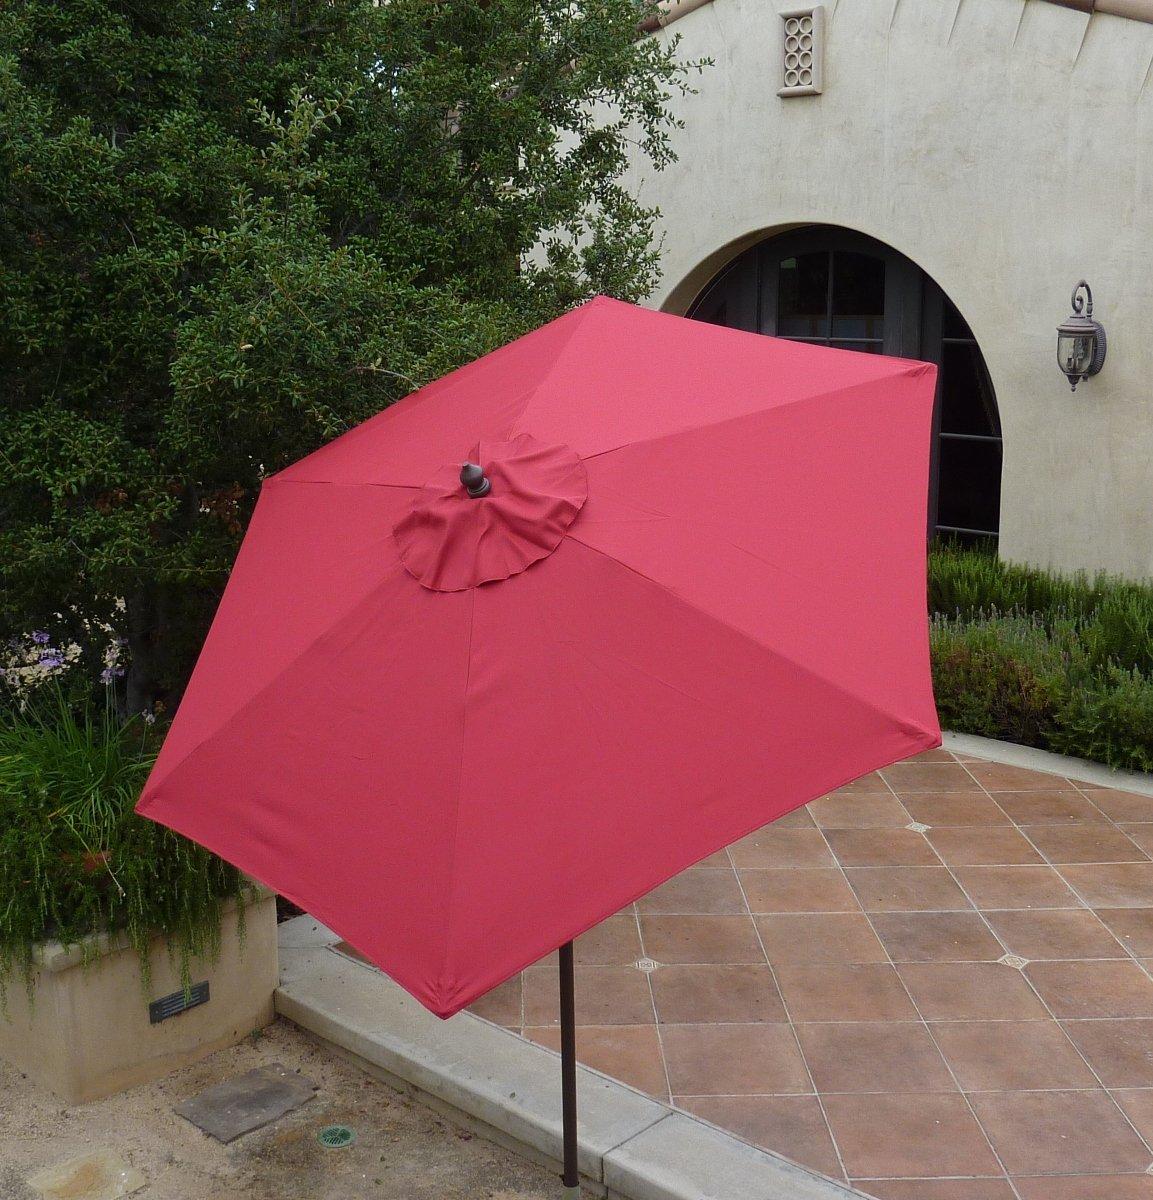 Amazon.com : 7.5ft Aluminum Market Umbrella Crank U0026 Tilt Color Sage Green : Patio  Umbrellas : Garden U0026 Outdoor